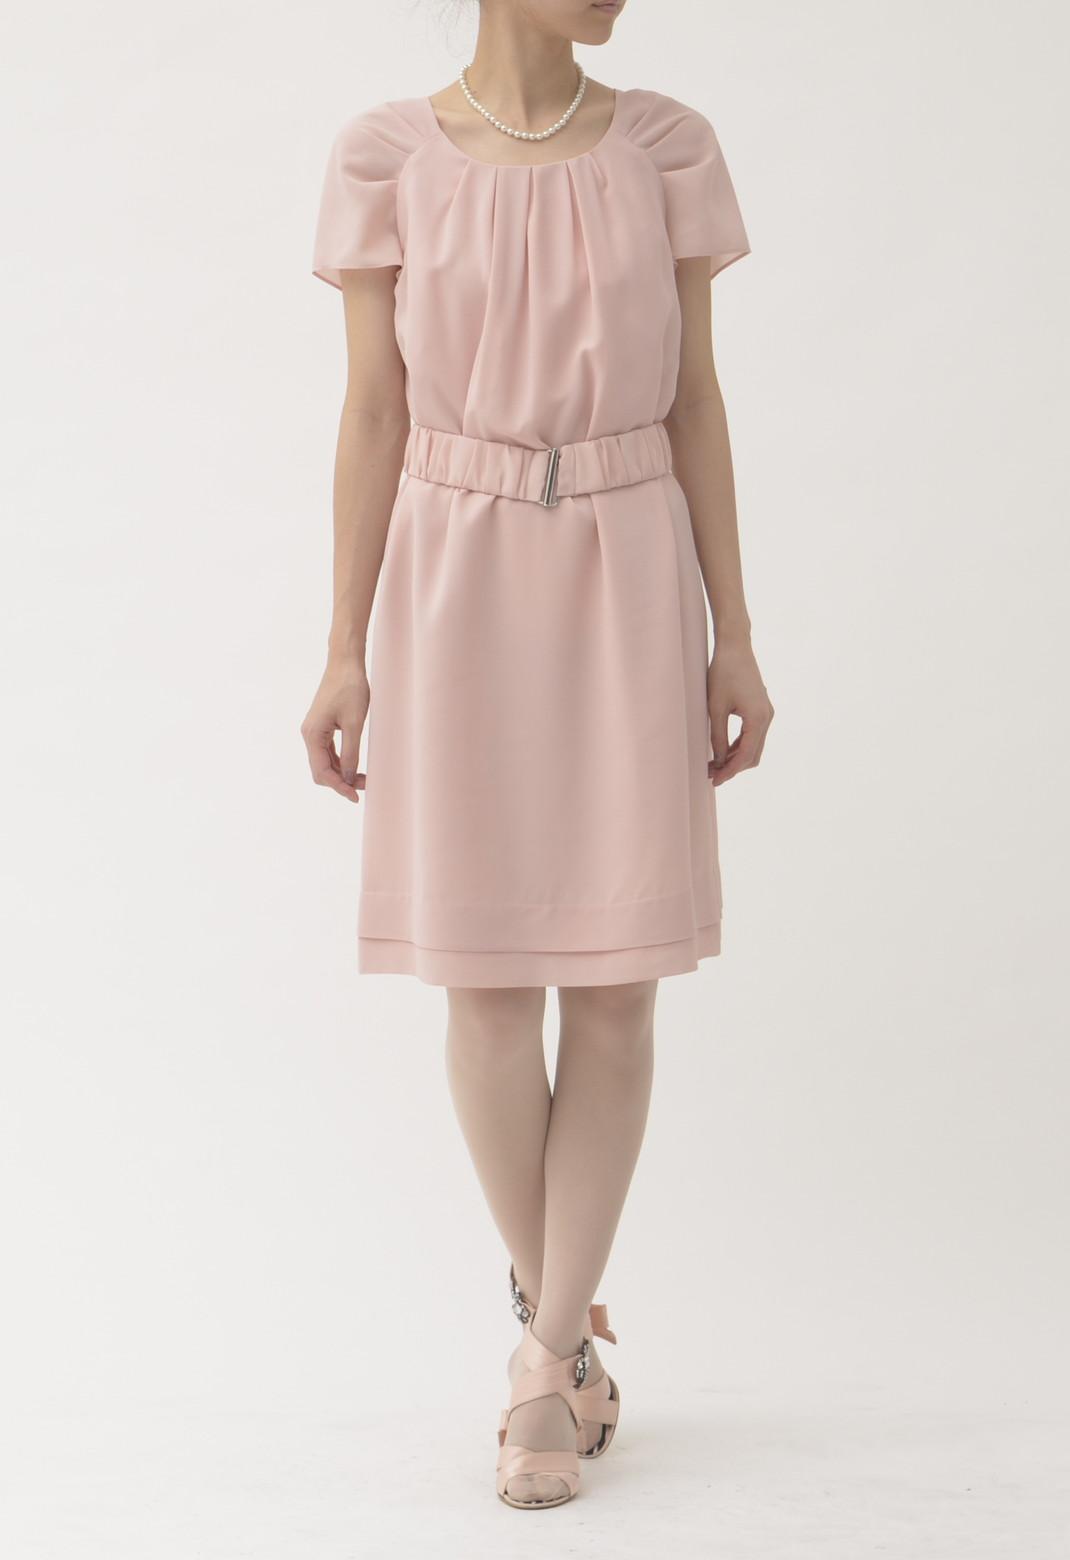 ベルト付き 半袖ドレス